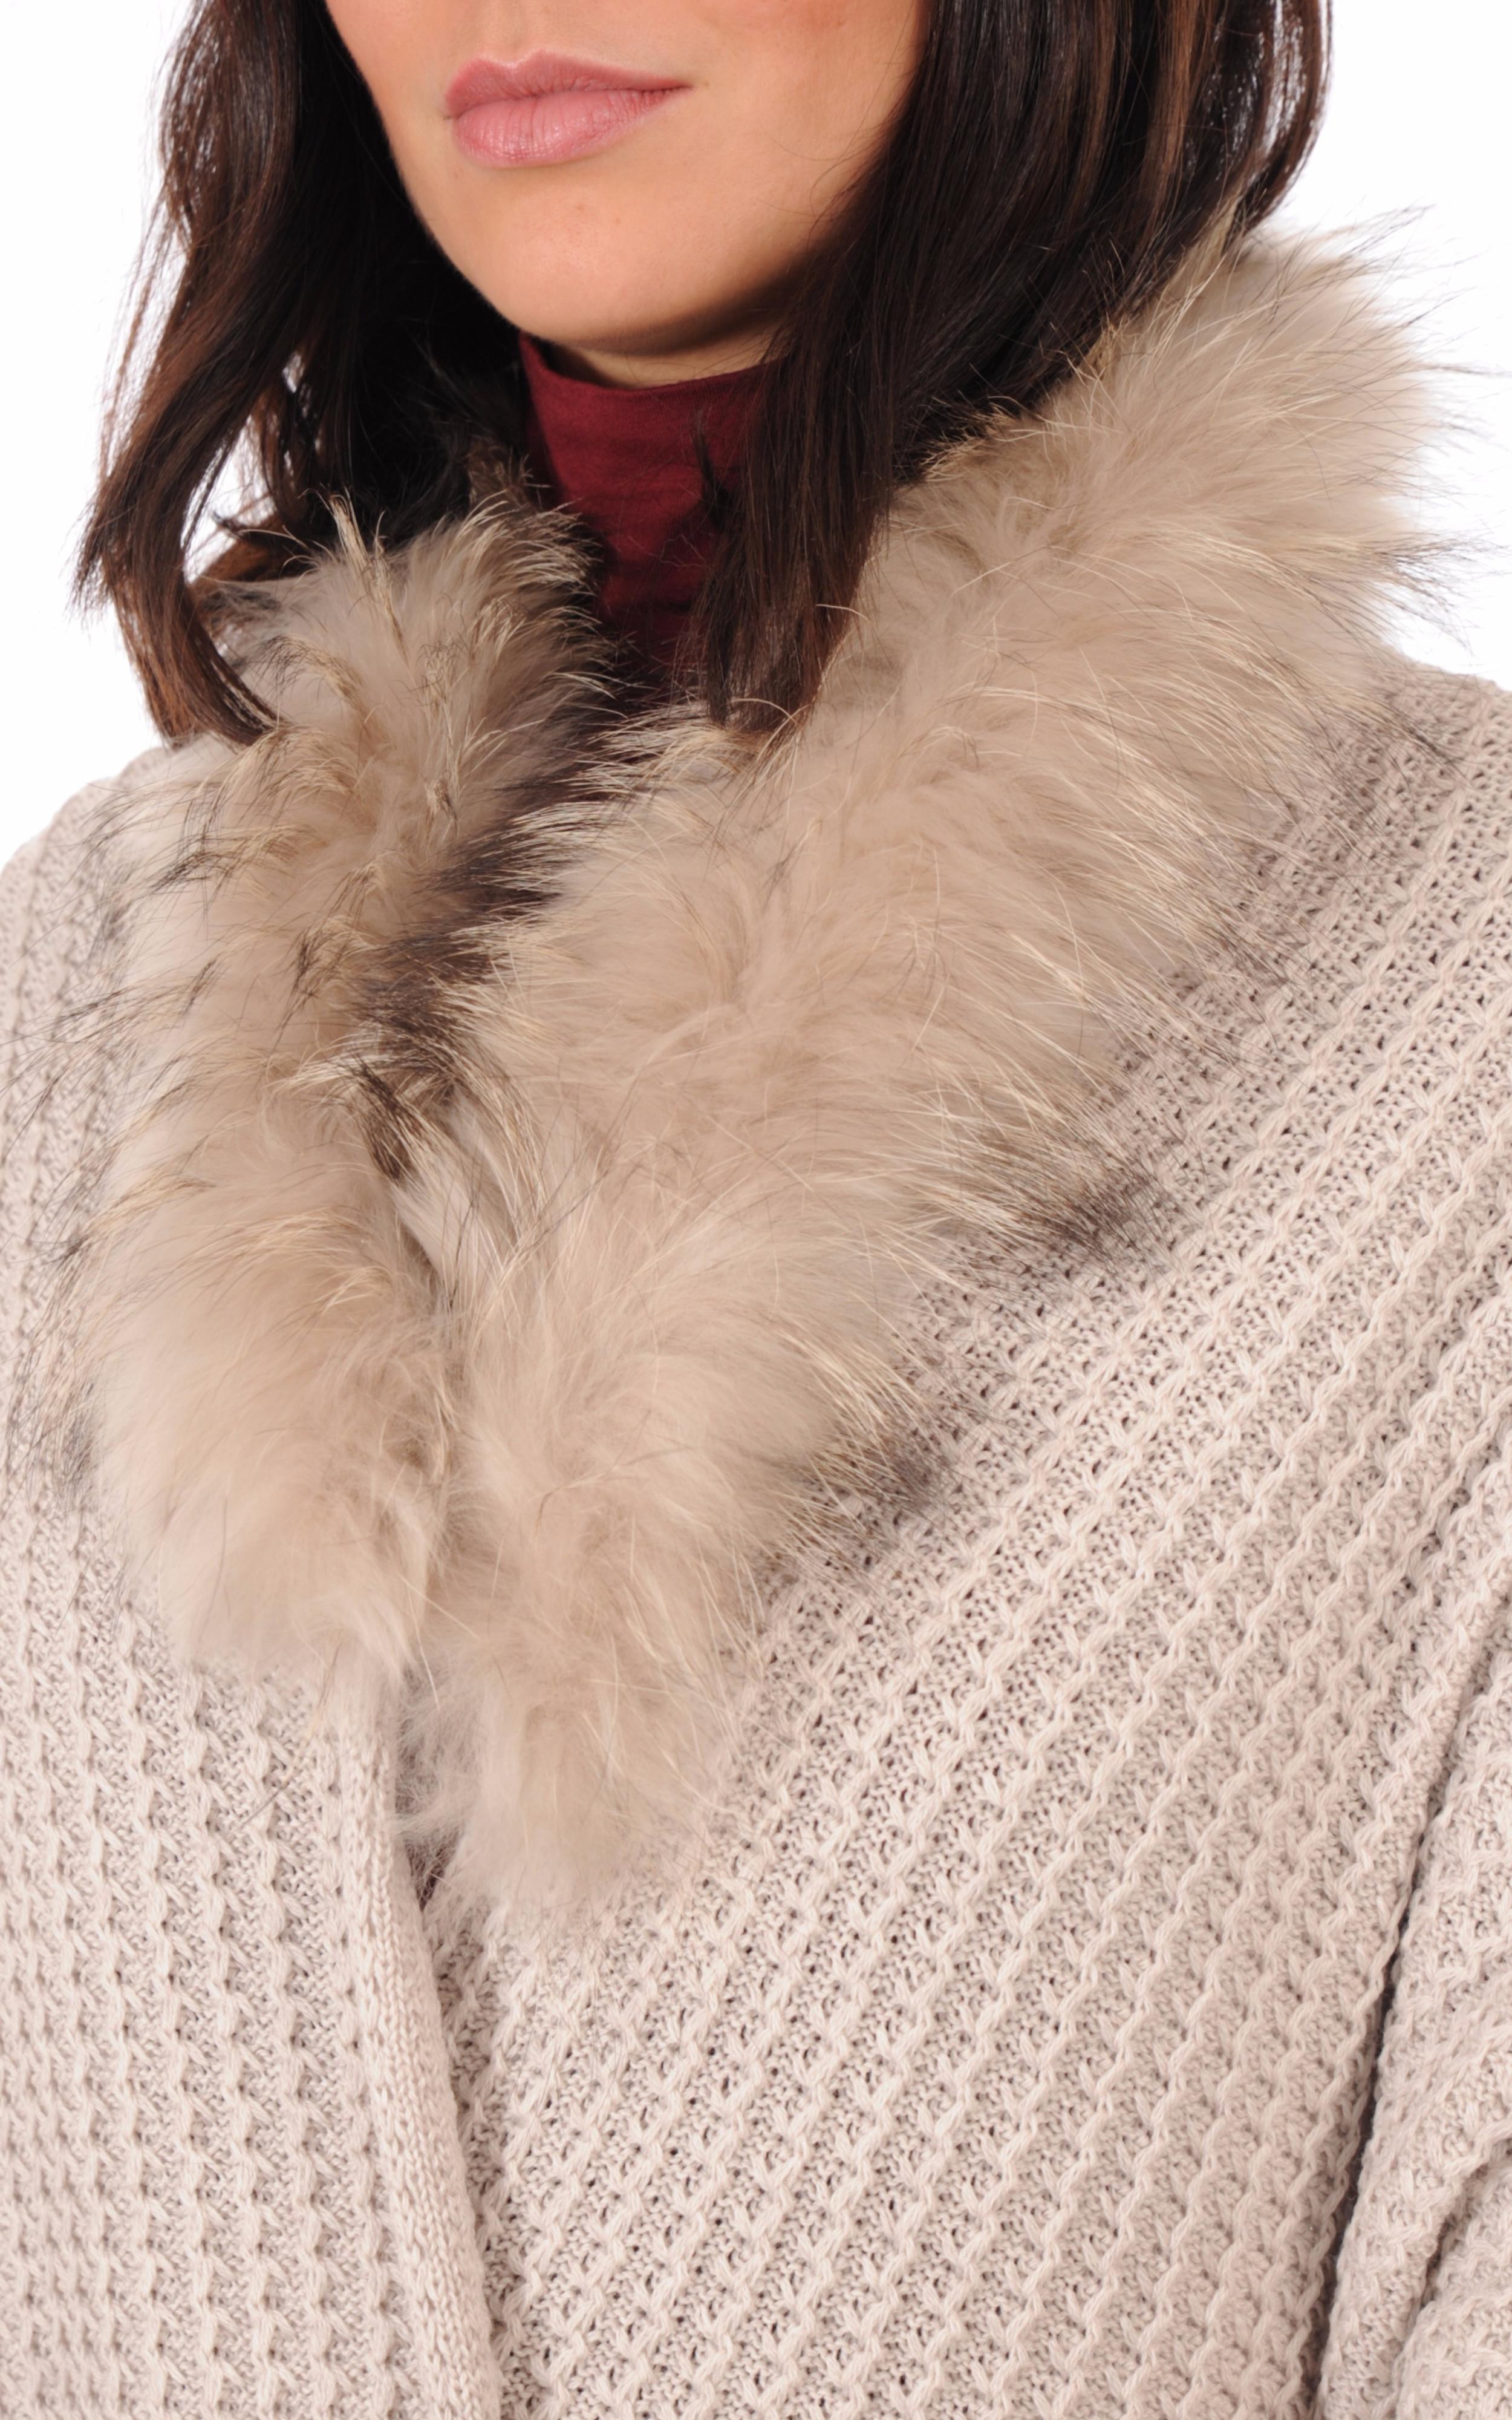 Maxi Echarpe Laine et Fourrure de Raccoon Femme Lea Clement - La ... 4db86ef5da2